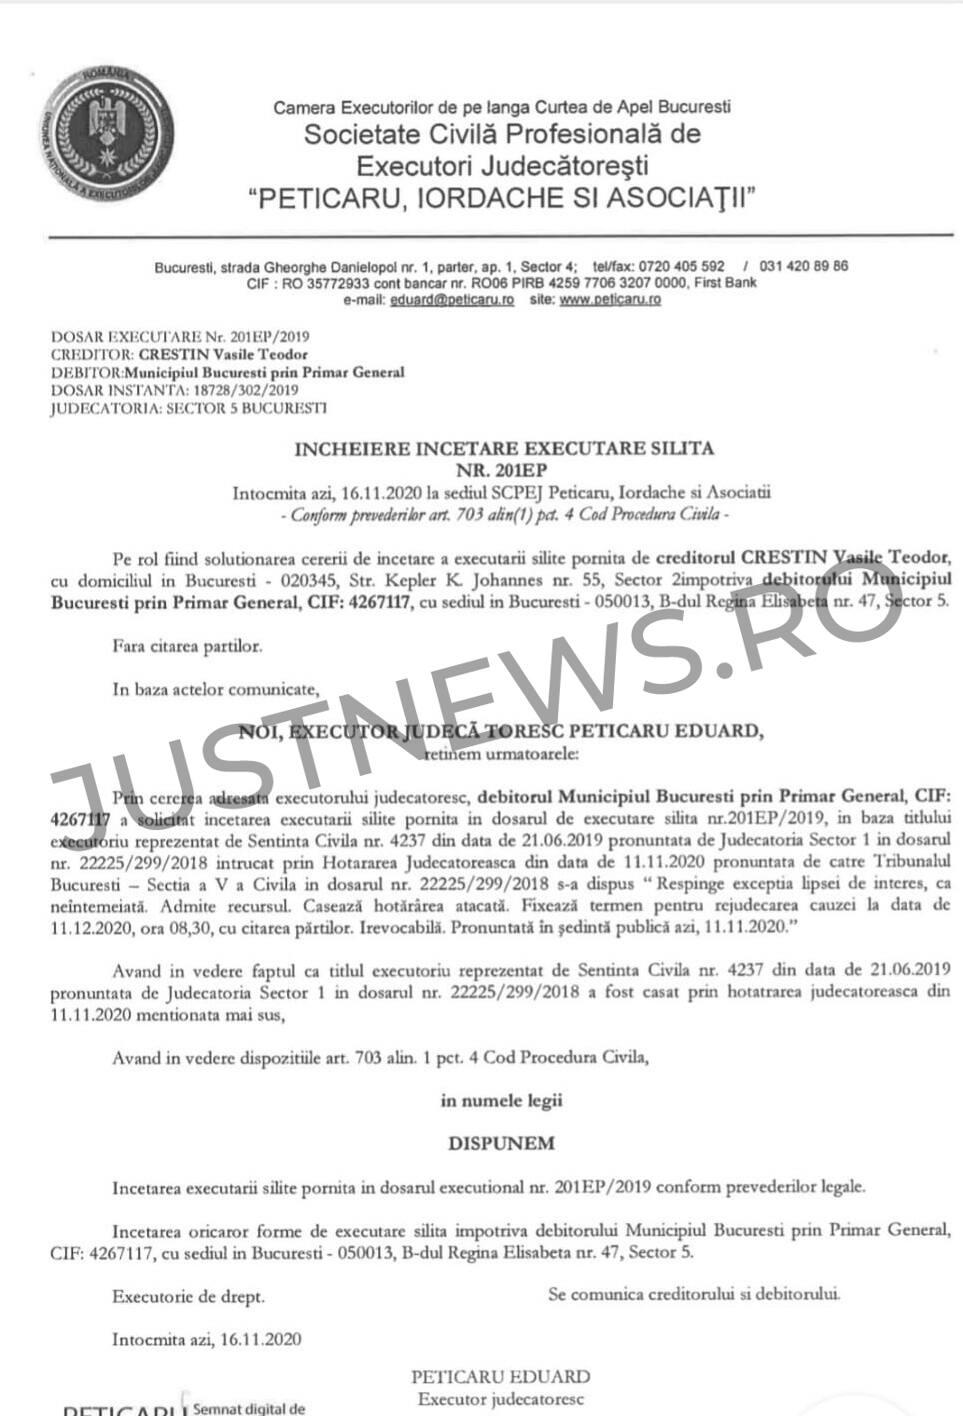 Complicități mîrșave (4): Executorul judecătoresc blochează în sfârșit acordul de plată de 22,7 milioane de euro dintre PMB și afaceristul Vasile Theodor Creștin